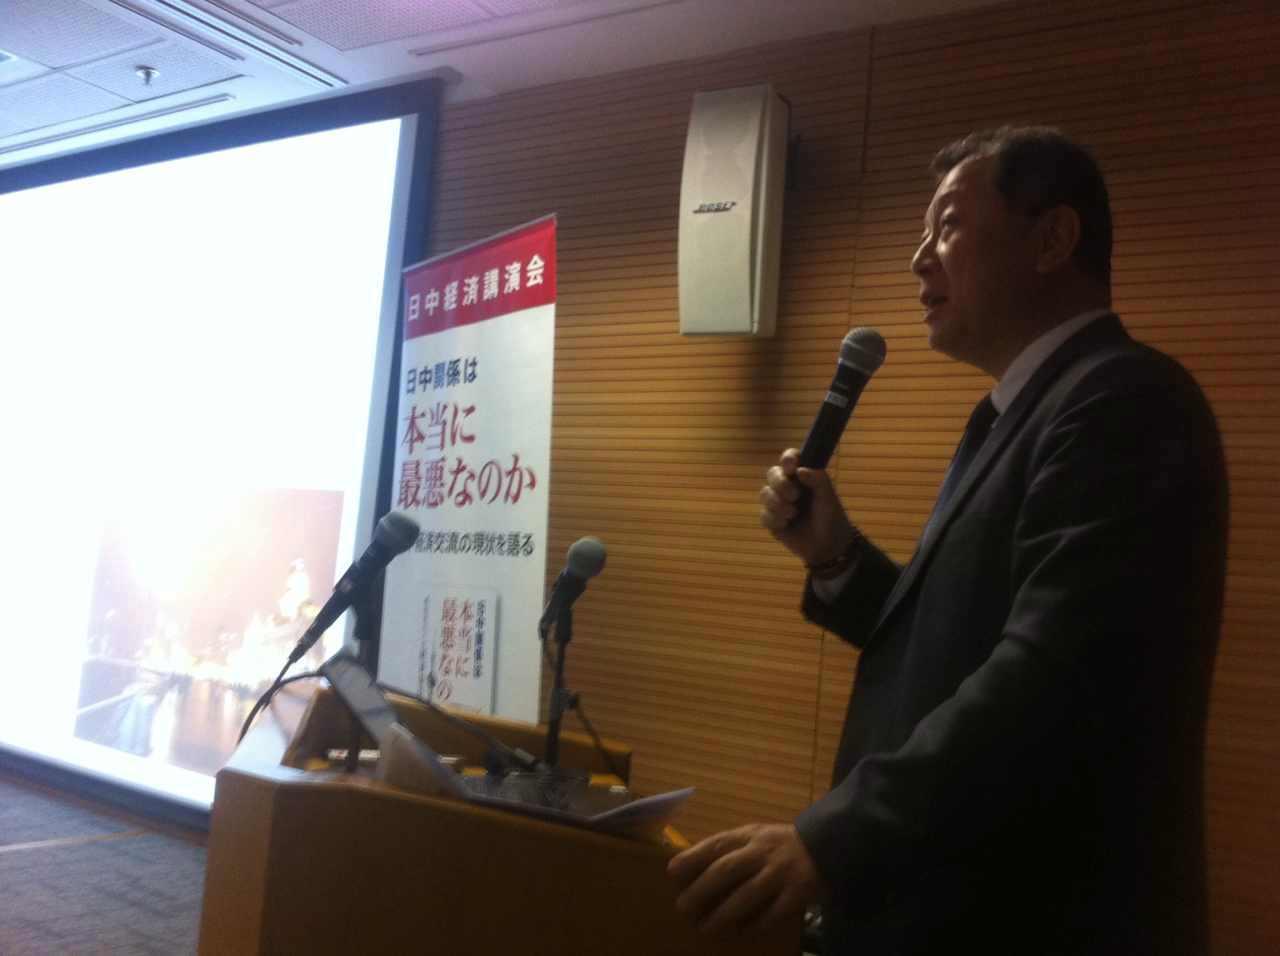 日中経済発信力プロジェクトの講演会「日中首脳会談後の日中経済」、北京で開催_d0027795_16403289.jpg